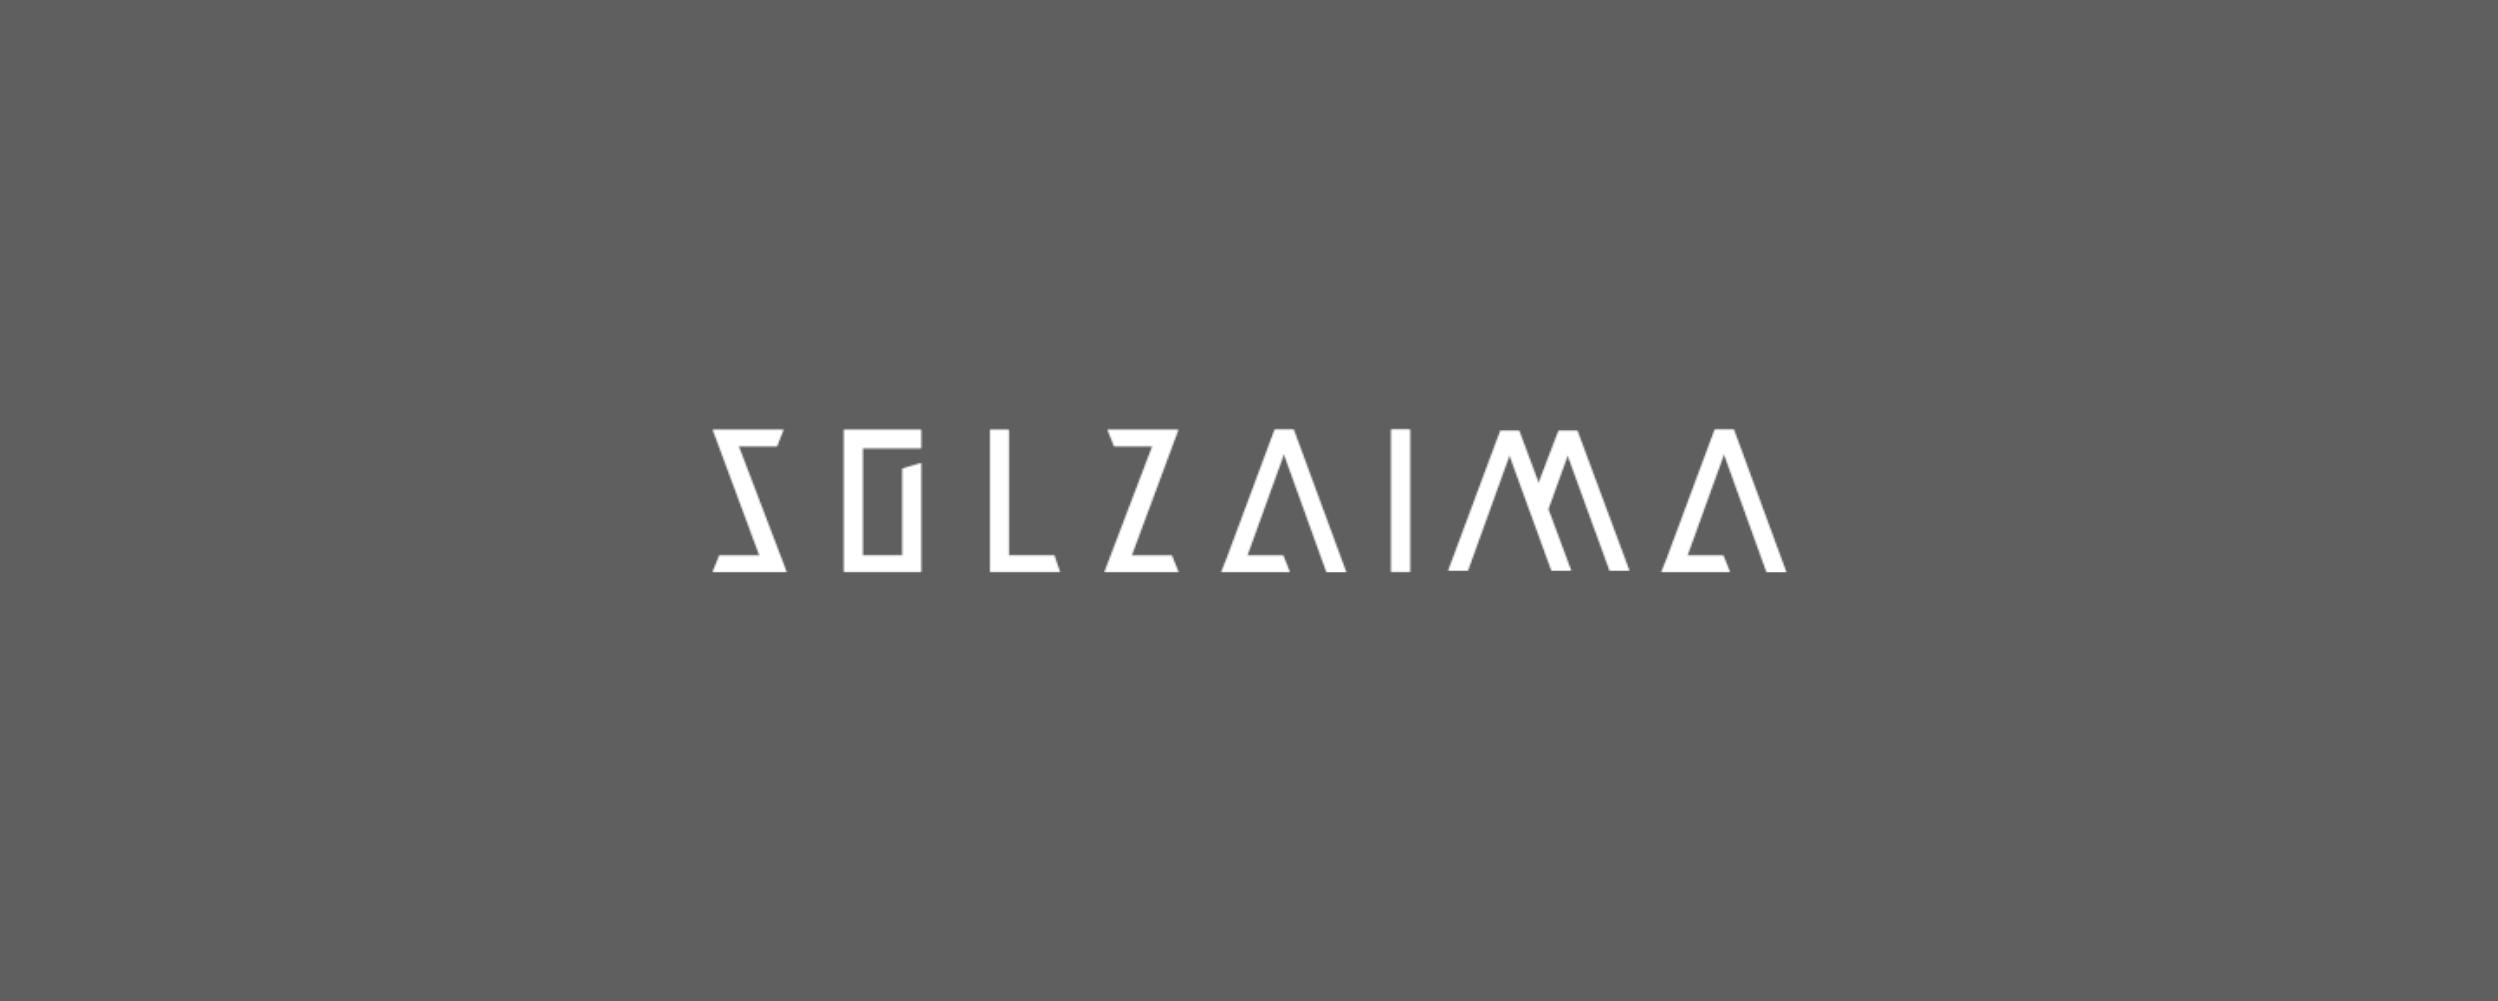 Solzaima-Logo